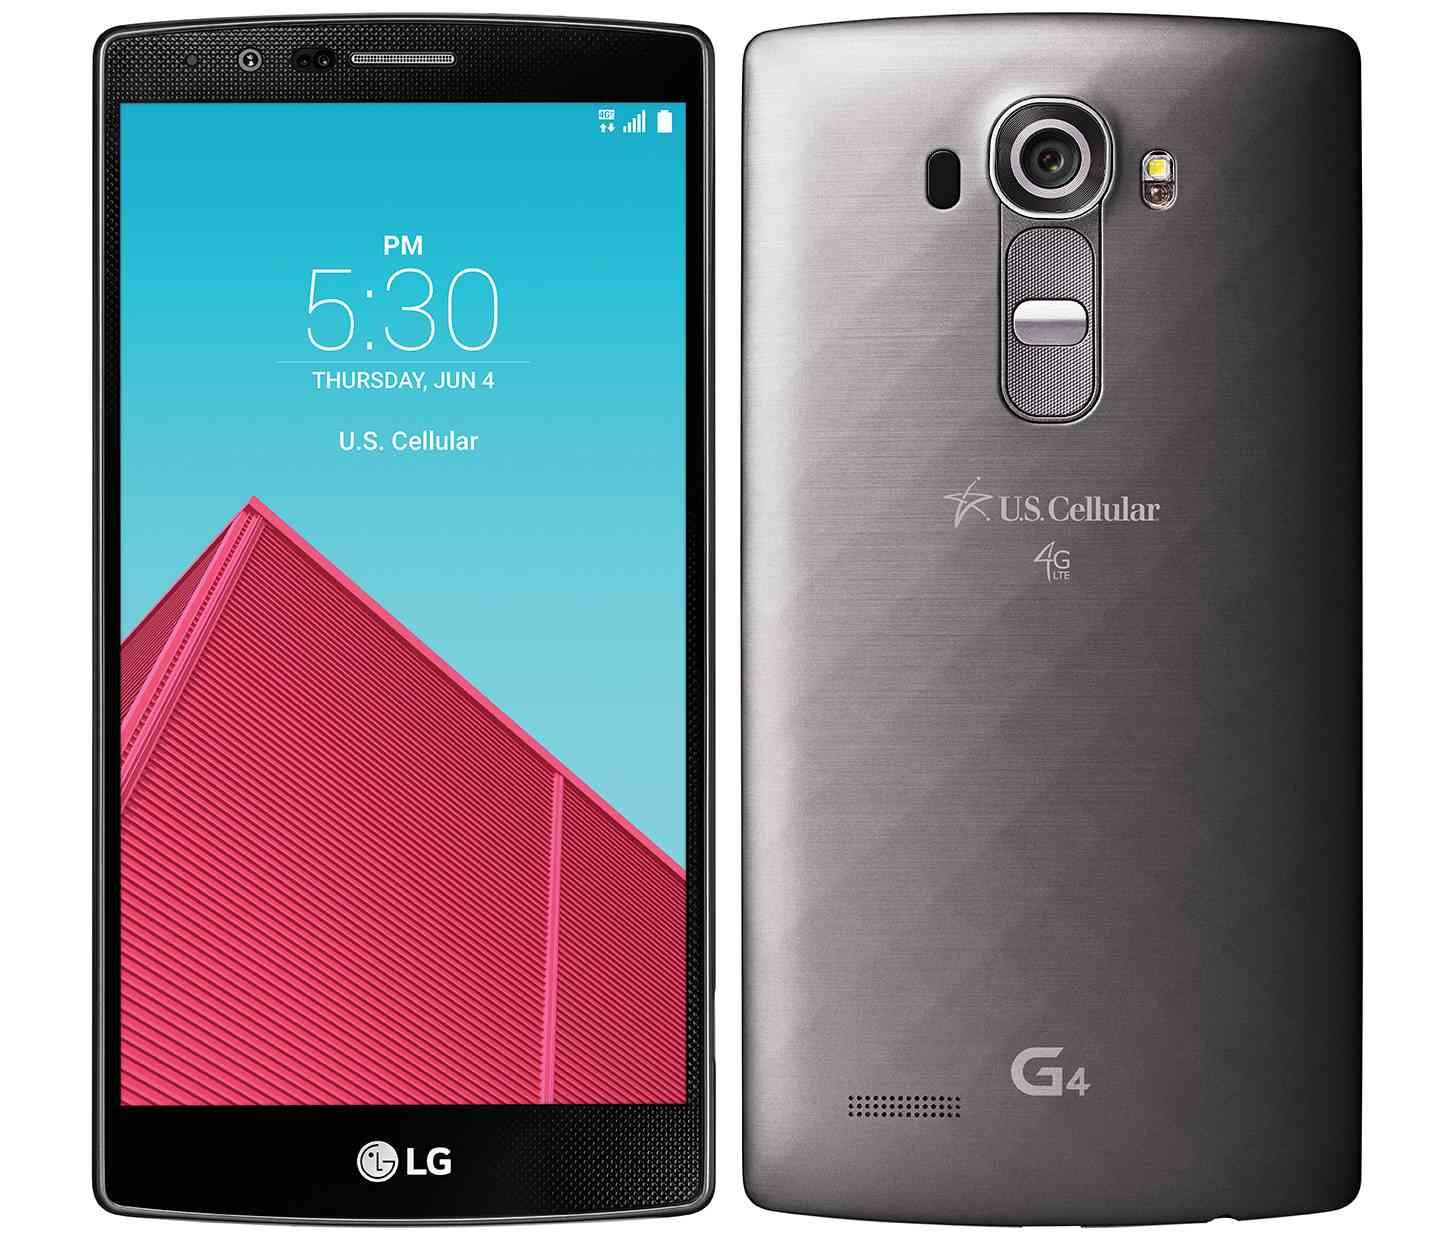 LG G4 U.S. Cellular official